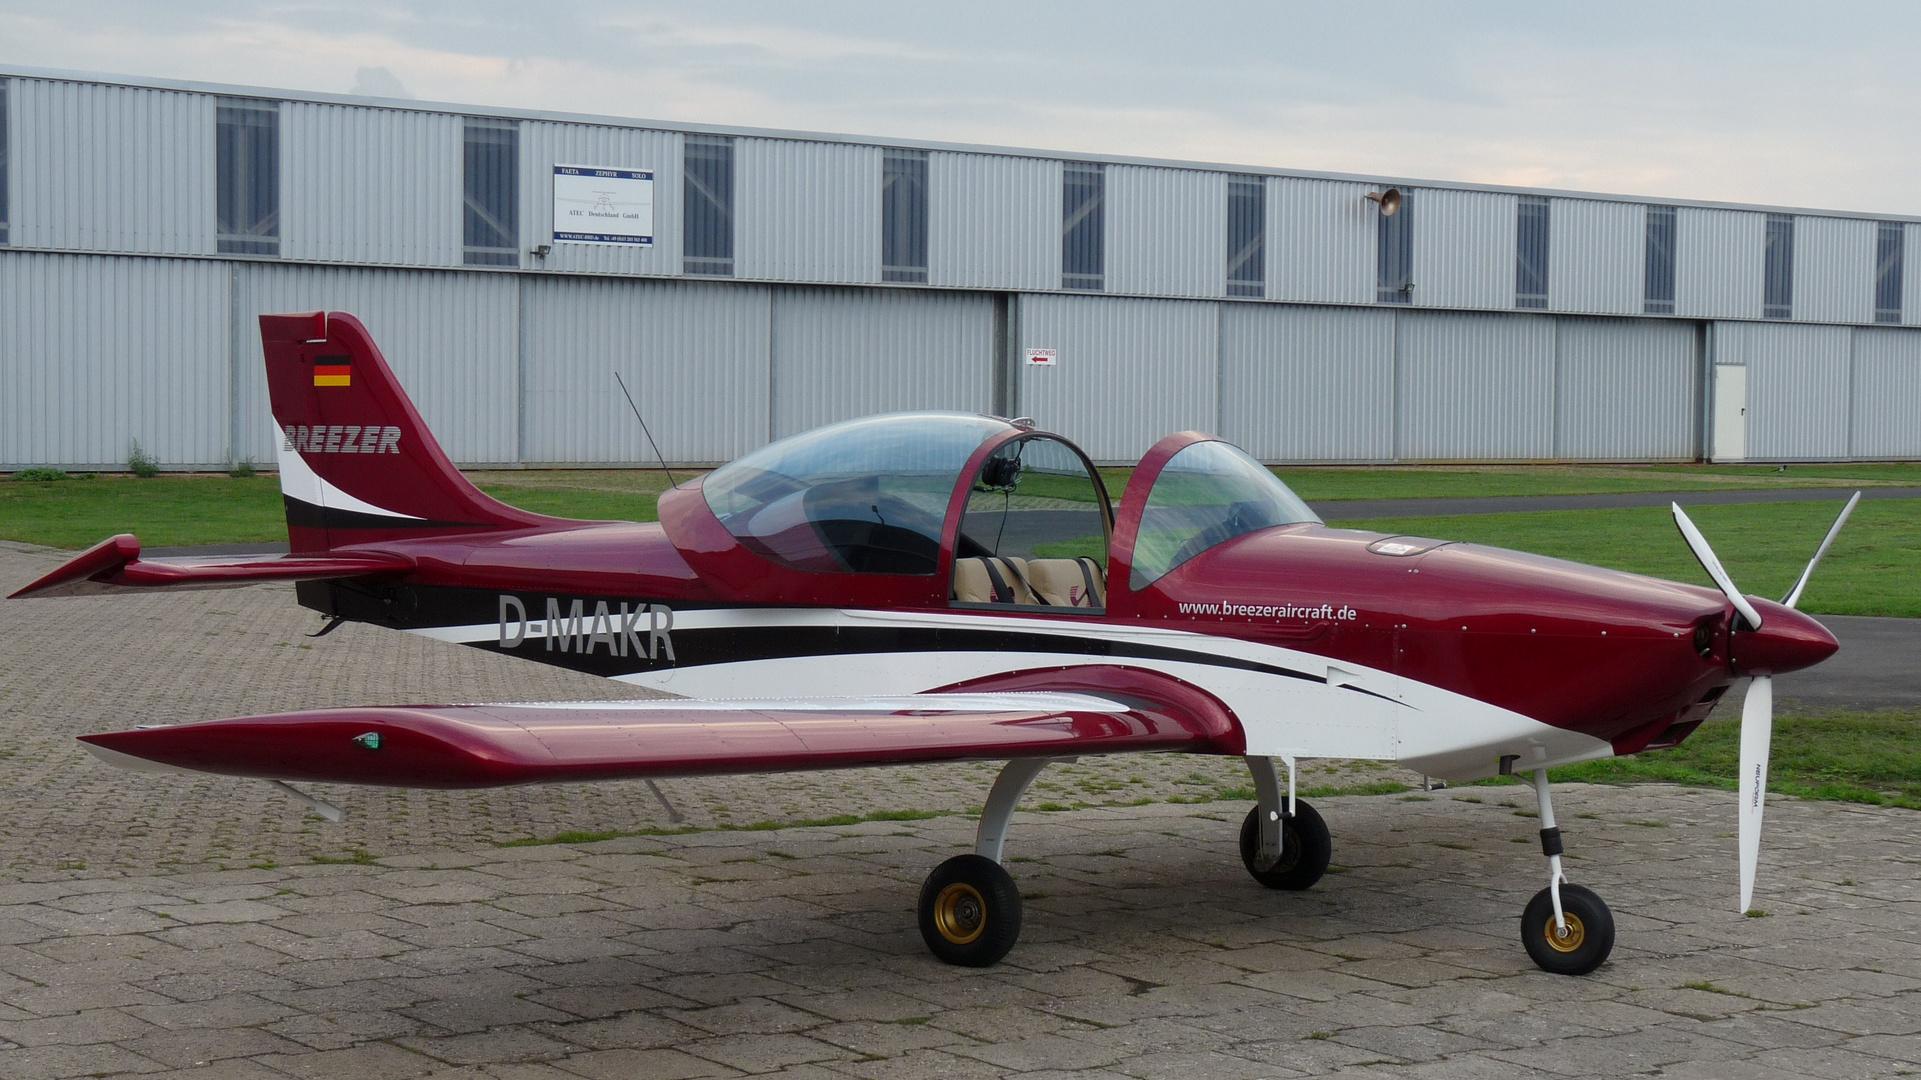 Breezer Aircraft